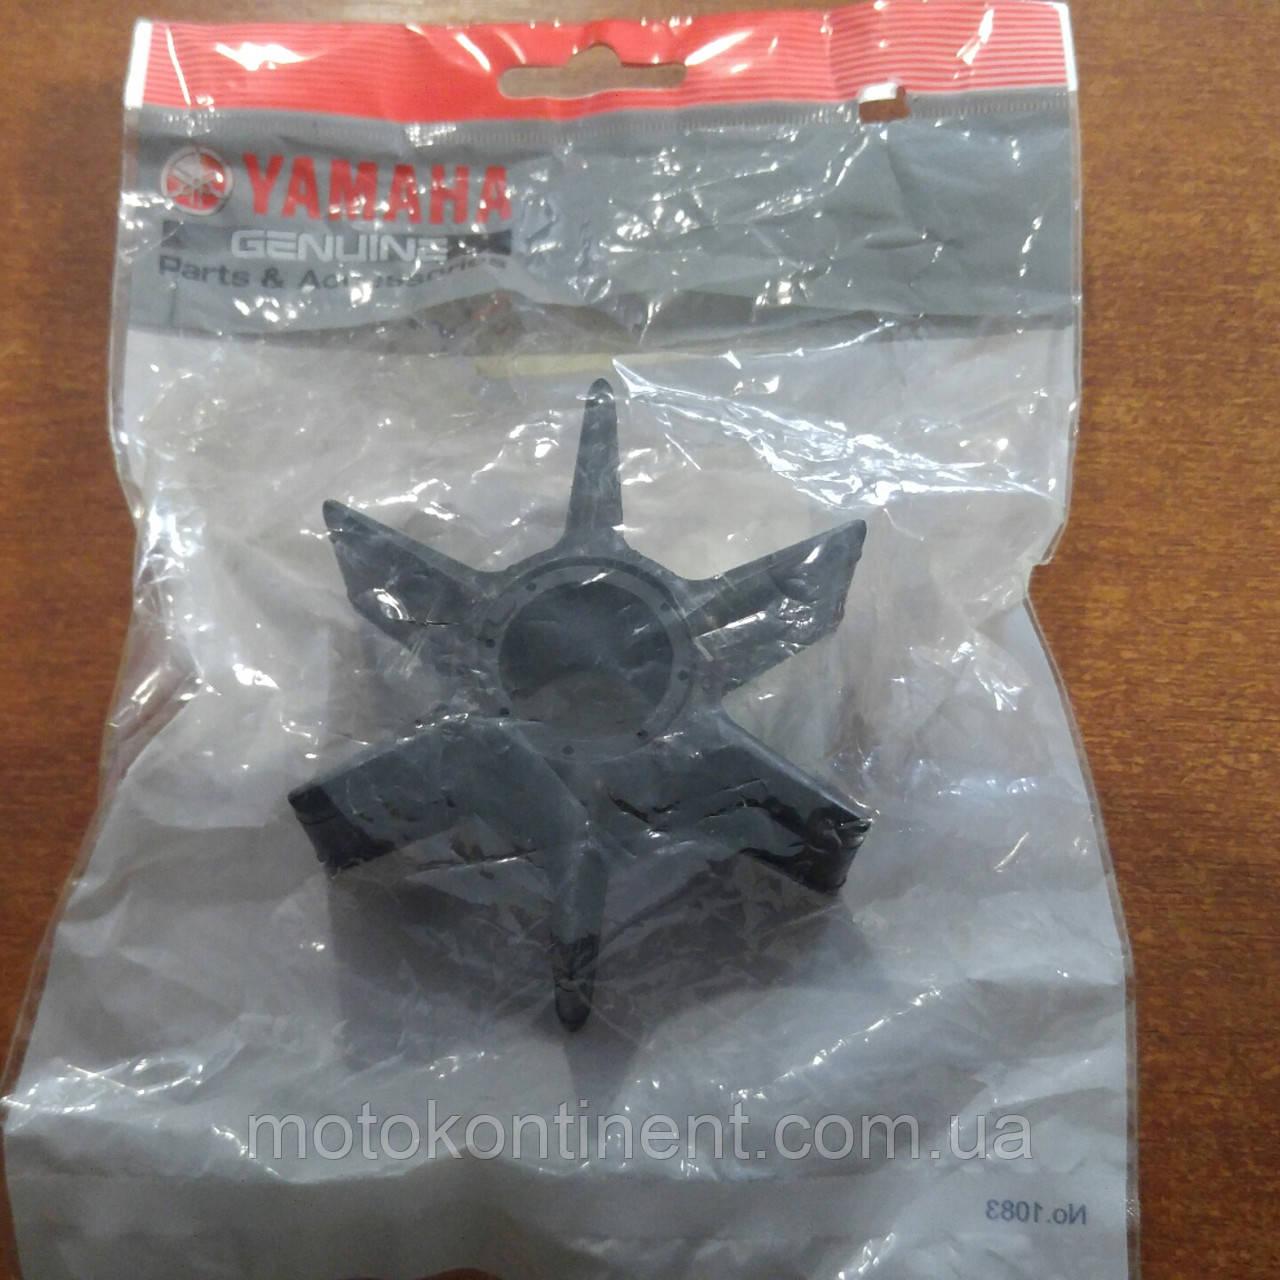 6AW-44352-00 Крыльчатка водяного насоса Yamaha F300-F350